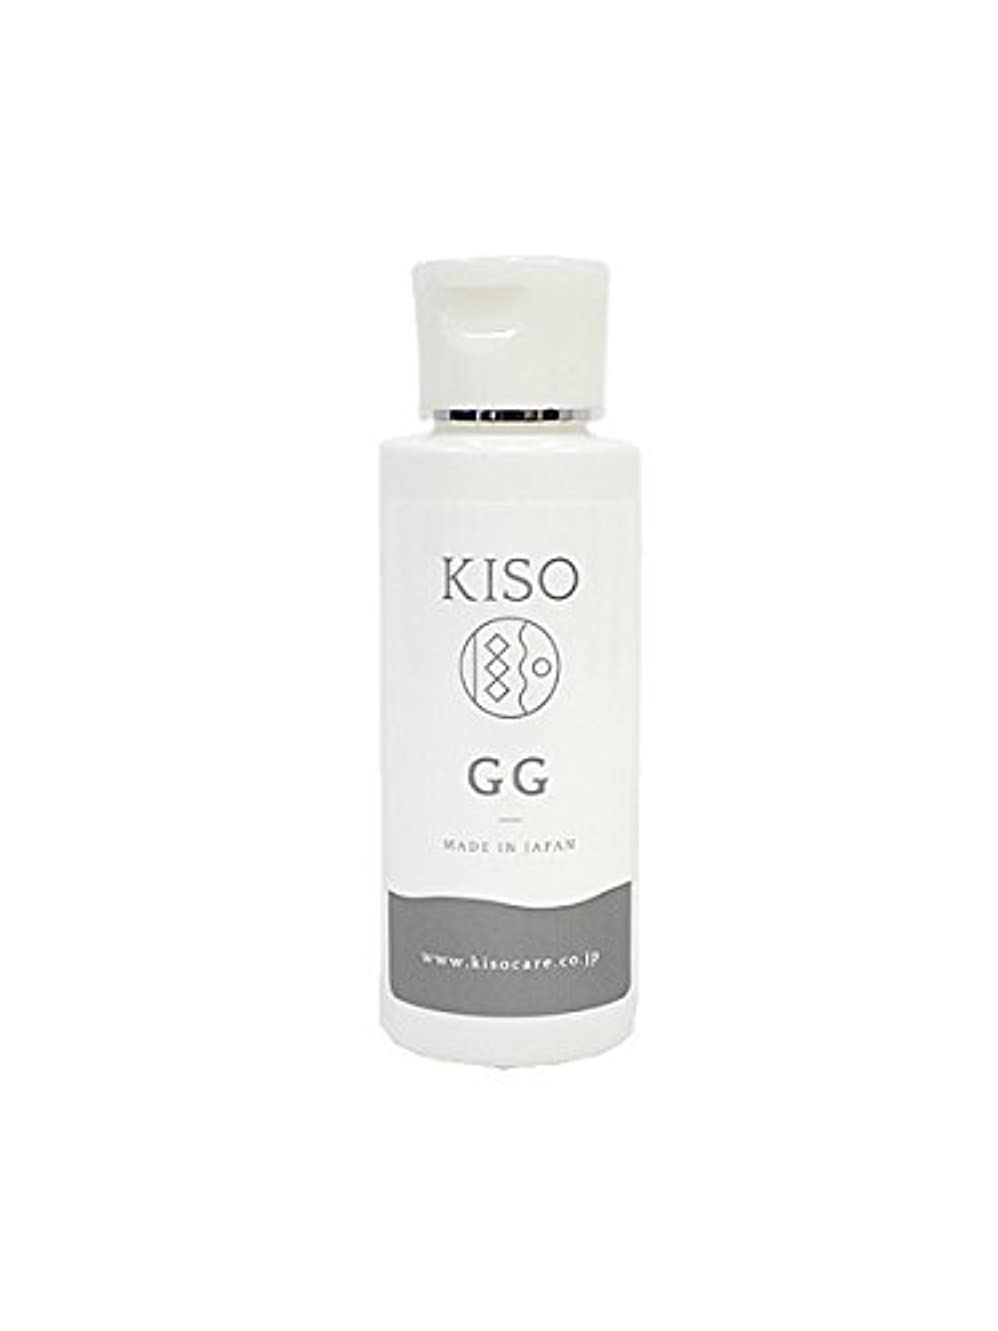 寛解署名修復KISO グリシルグリシン5% 高配合美容水 【GGエッセンス 50mL】 肌のキメを整える?肌をひきしめる